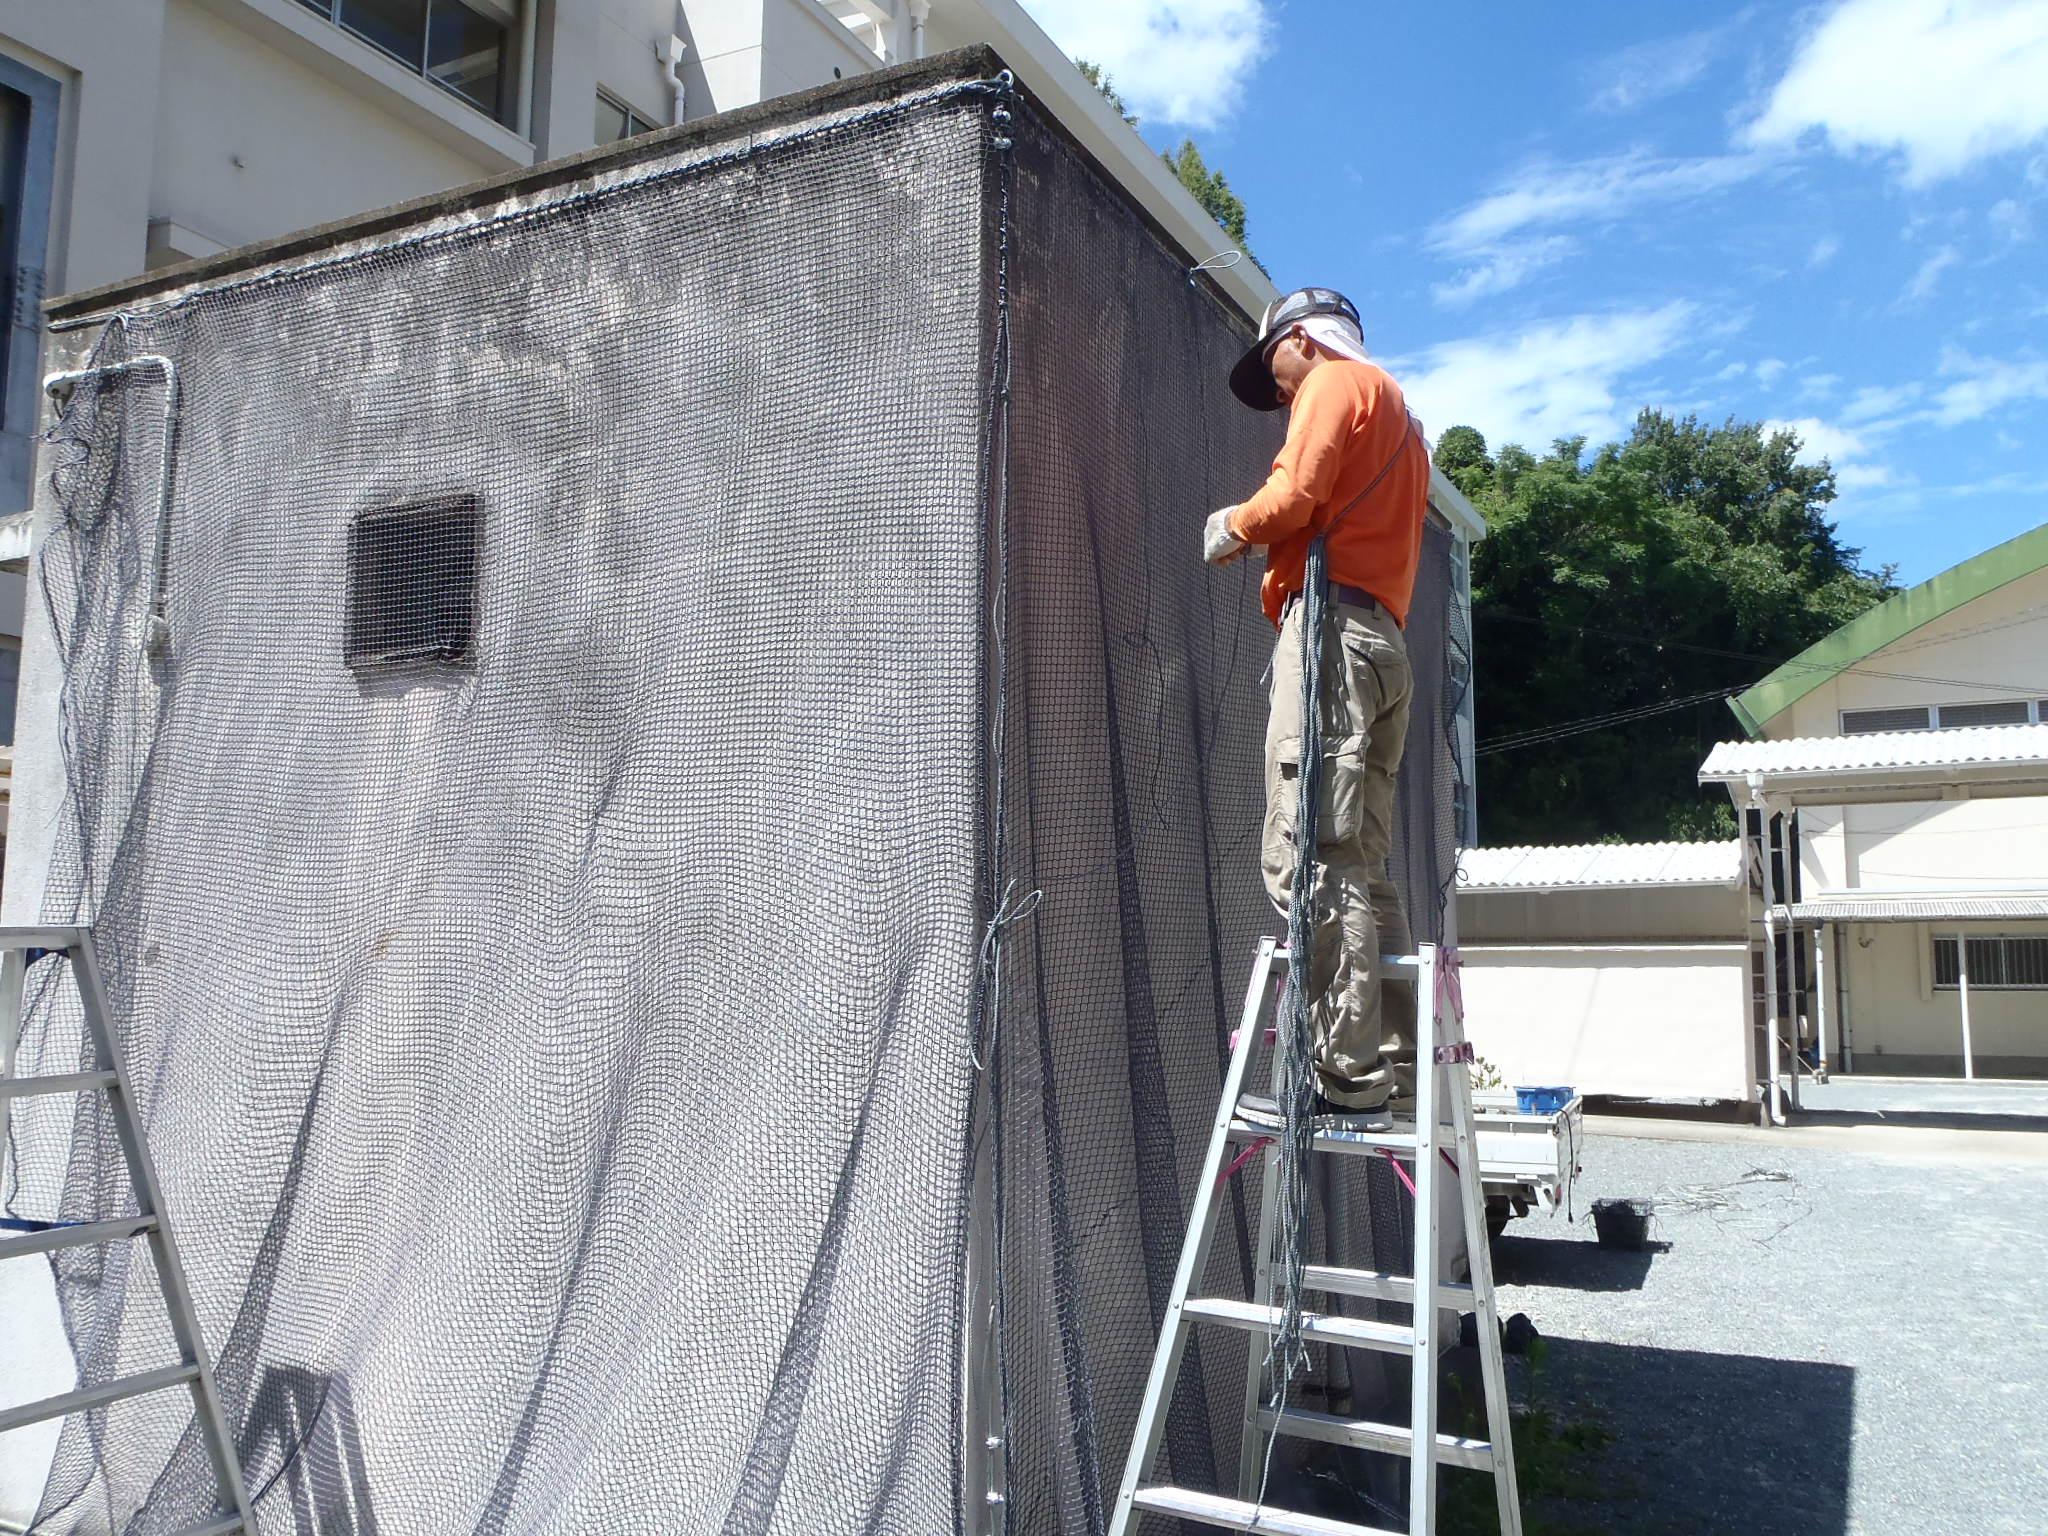 外壁剥落防止ネット設置工事 image3